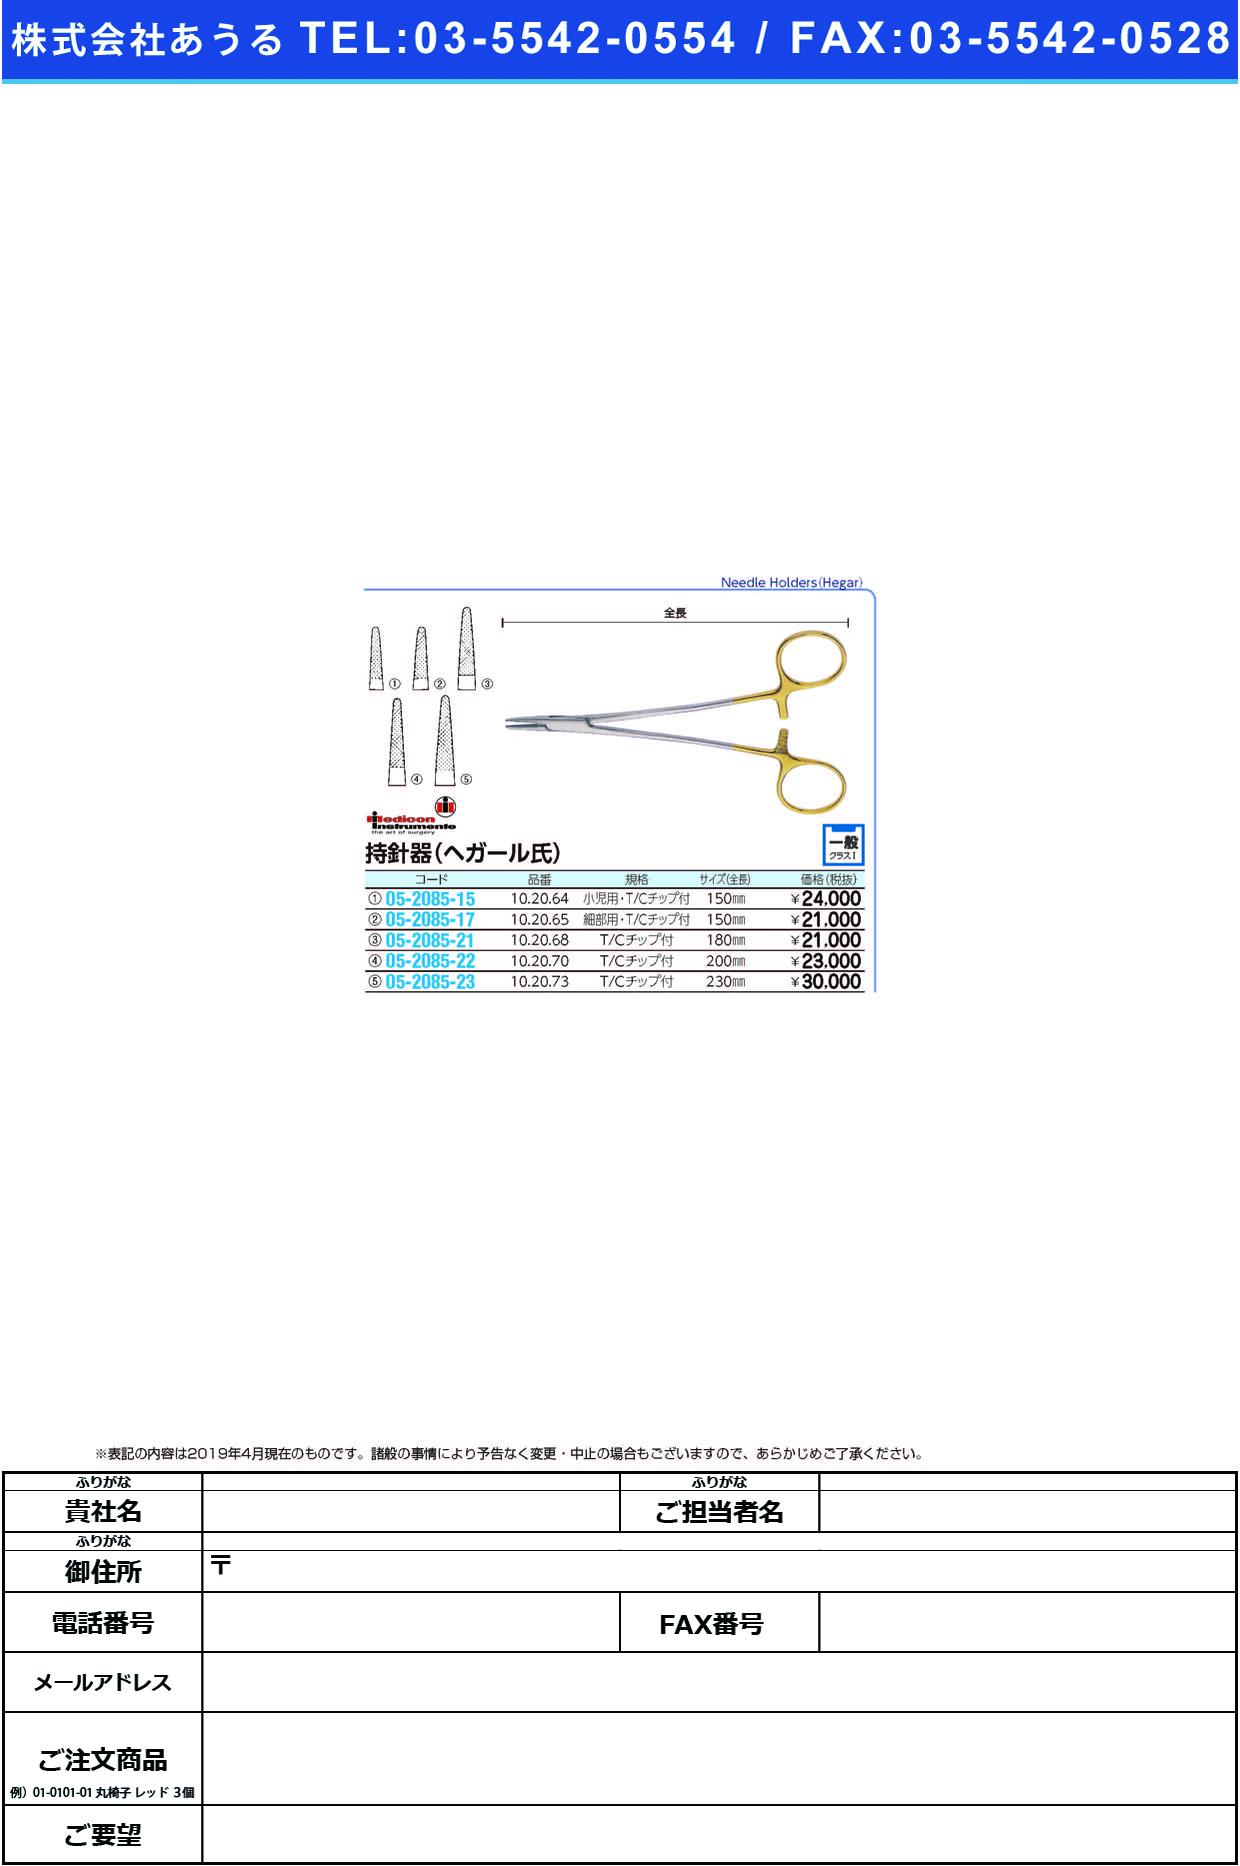 持針器(ヘガール氏)チップ付 10.20.73(230MM) ジシンキ(ヘガールシ)チップ